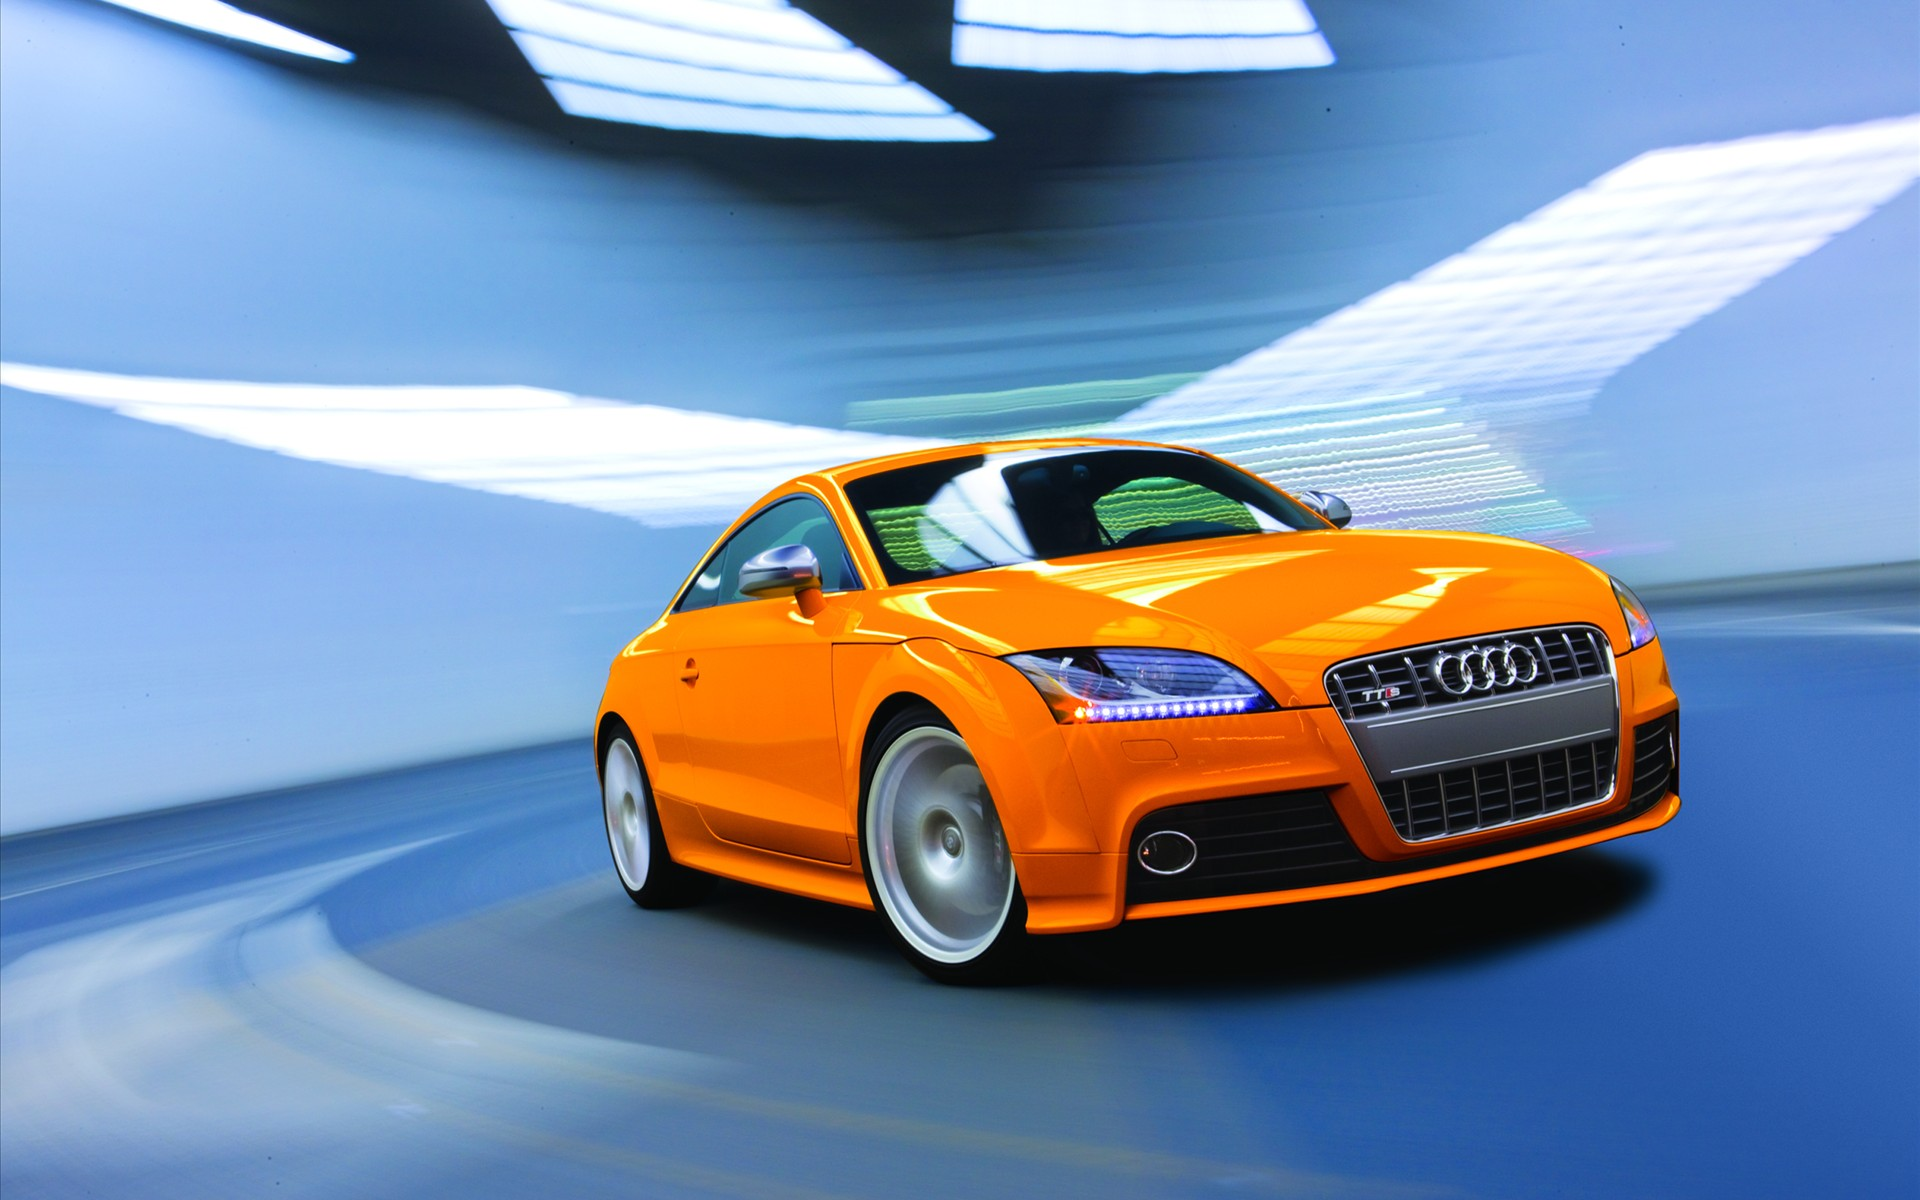 Audi TT спорткар дорога  № 3769022 без смс